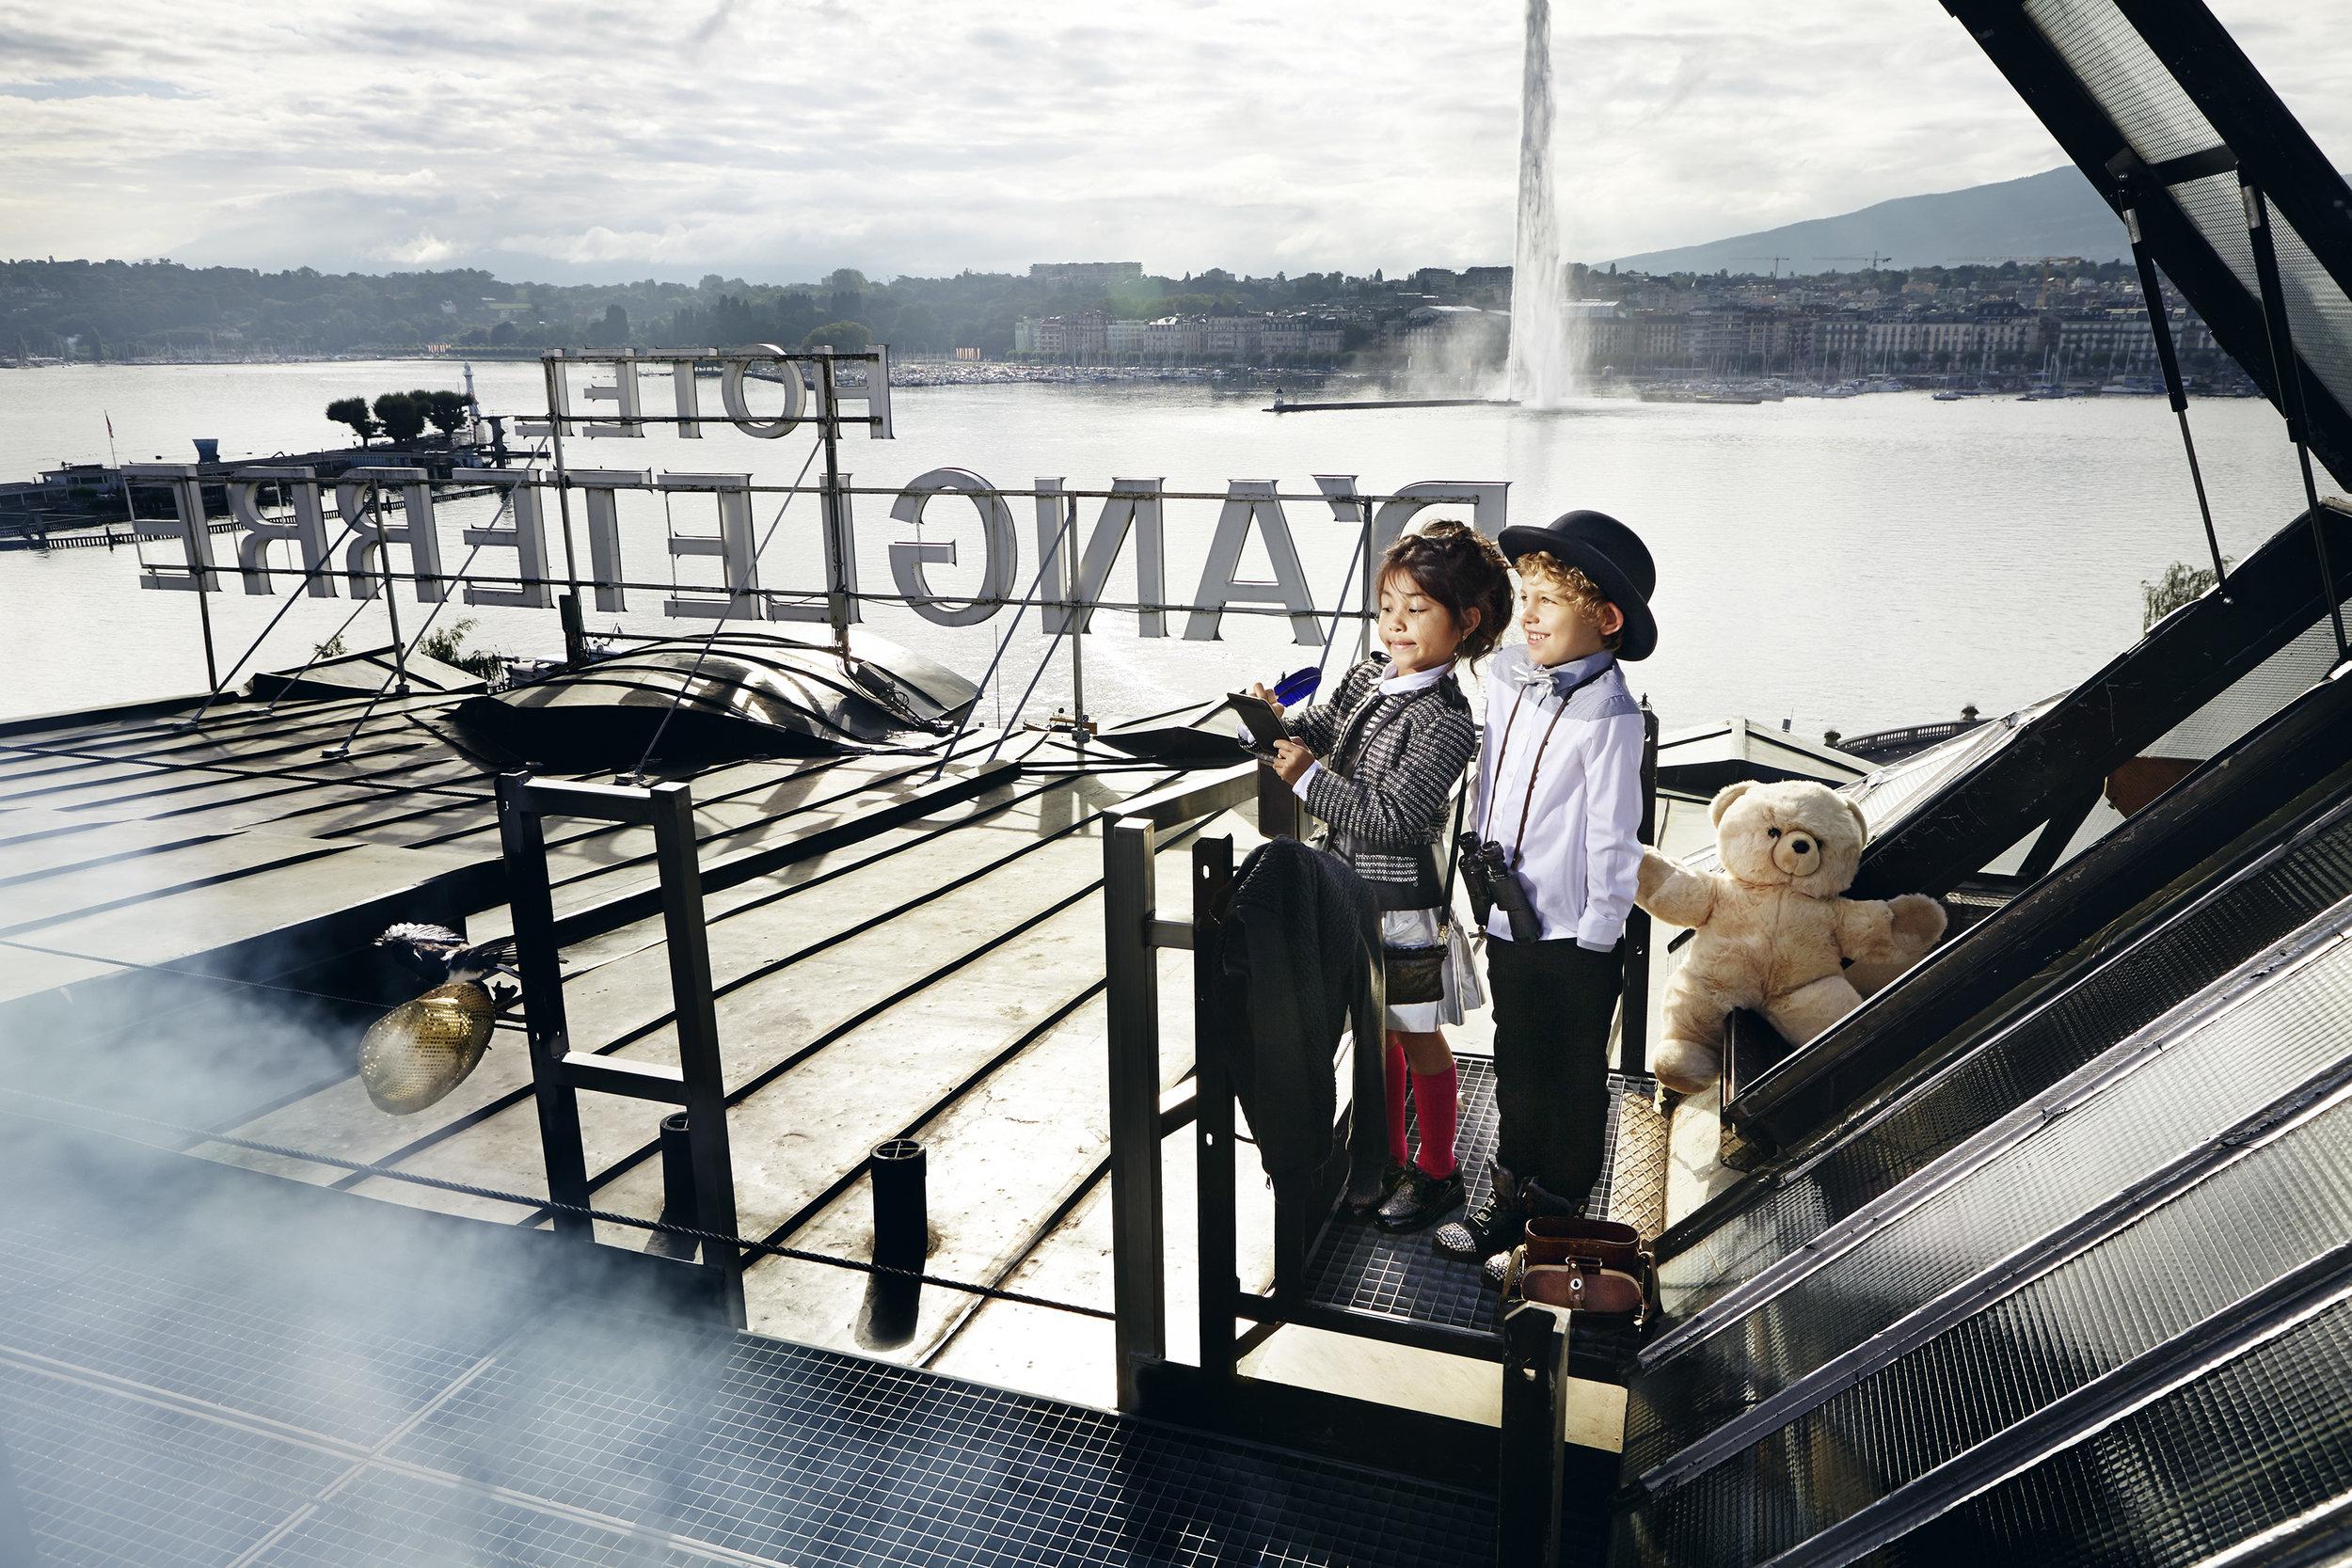 Ilve Little kids on deck